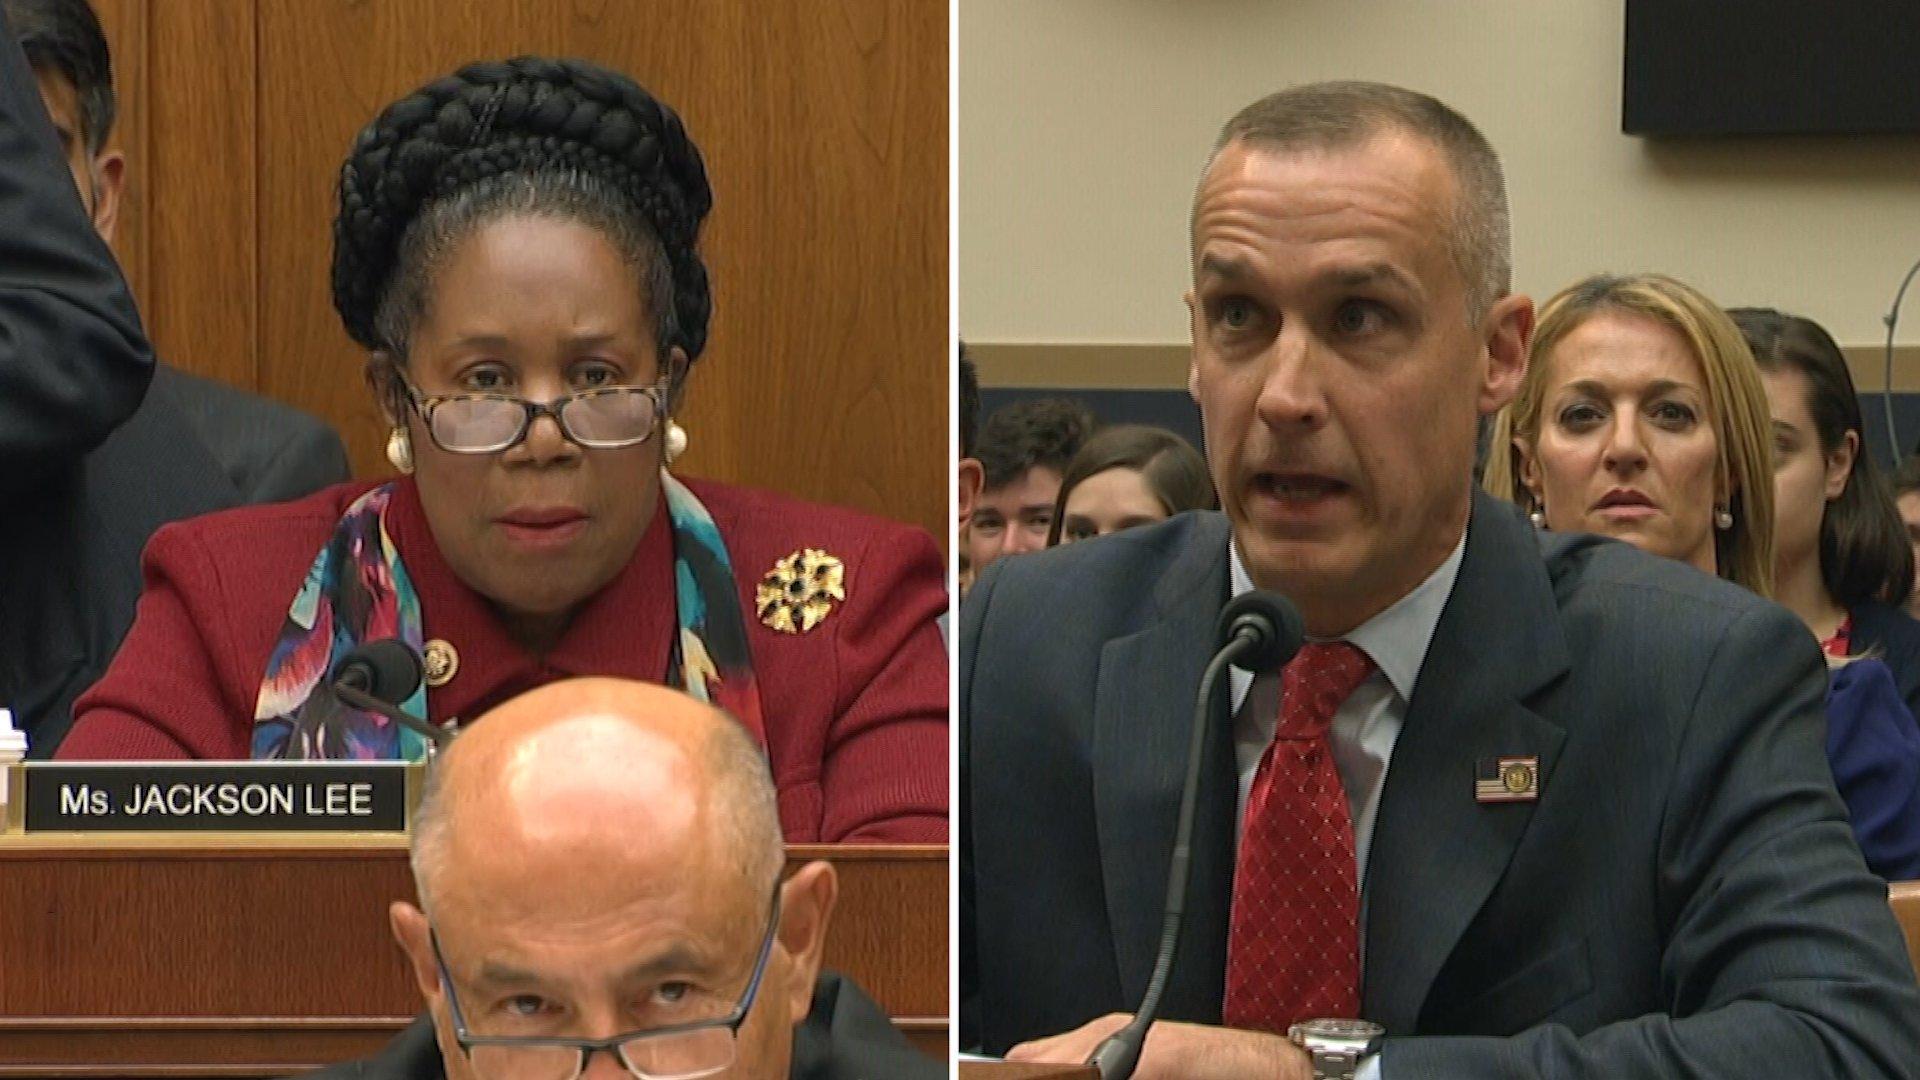 Lewandowski calls Democratic Rep. Sheila Jackson Lee's questioning 'just a rant'